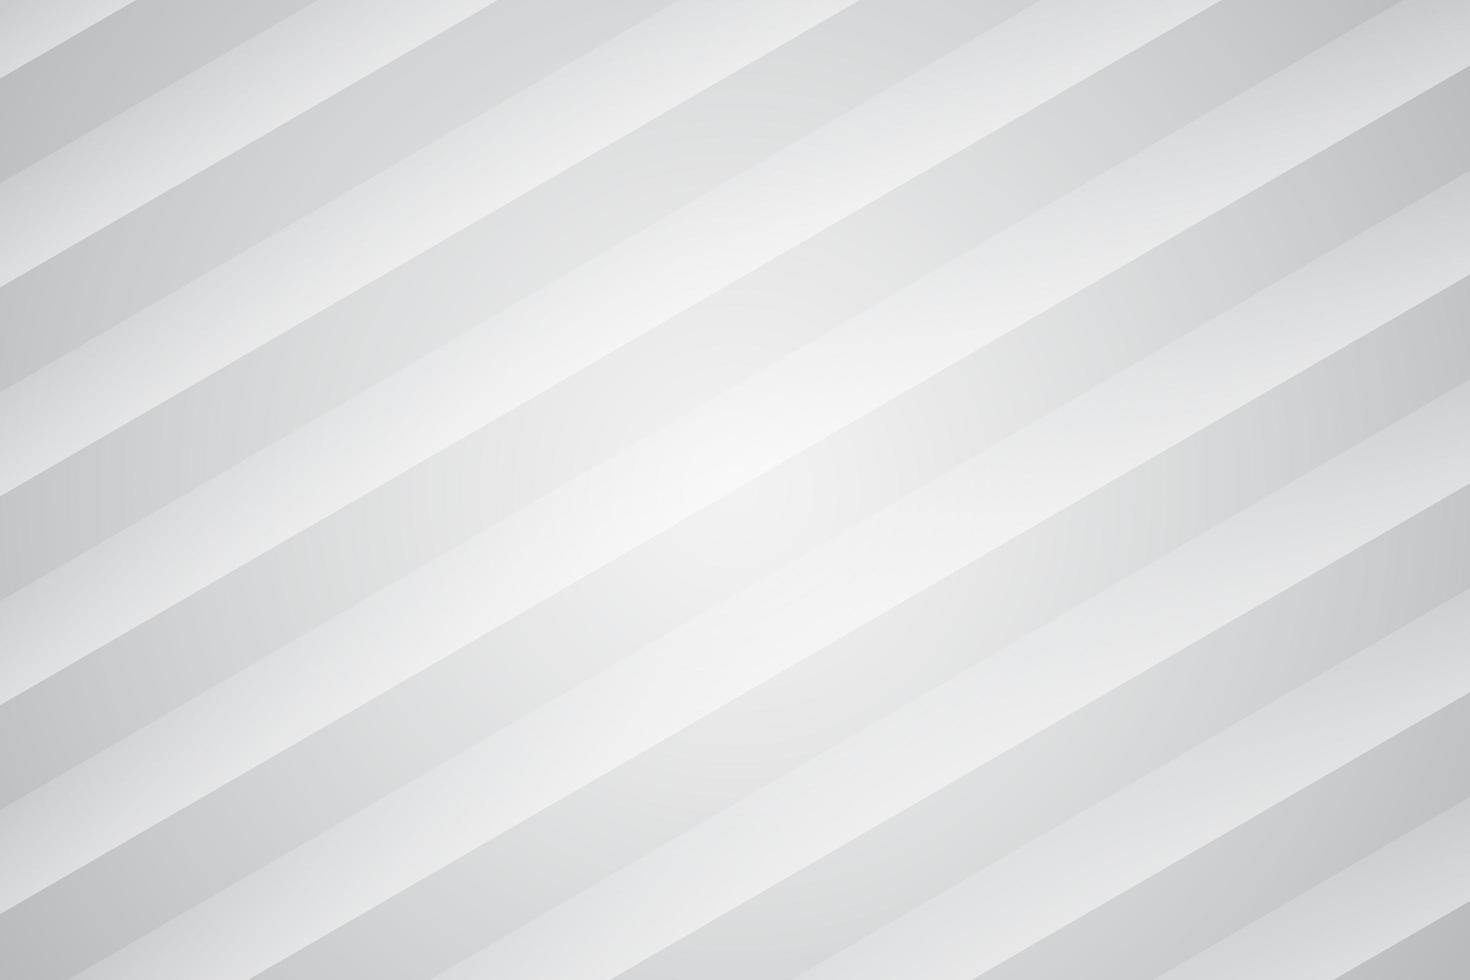 abstrait blanc moderne sans soudure fond blanc vecteur